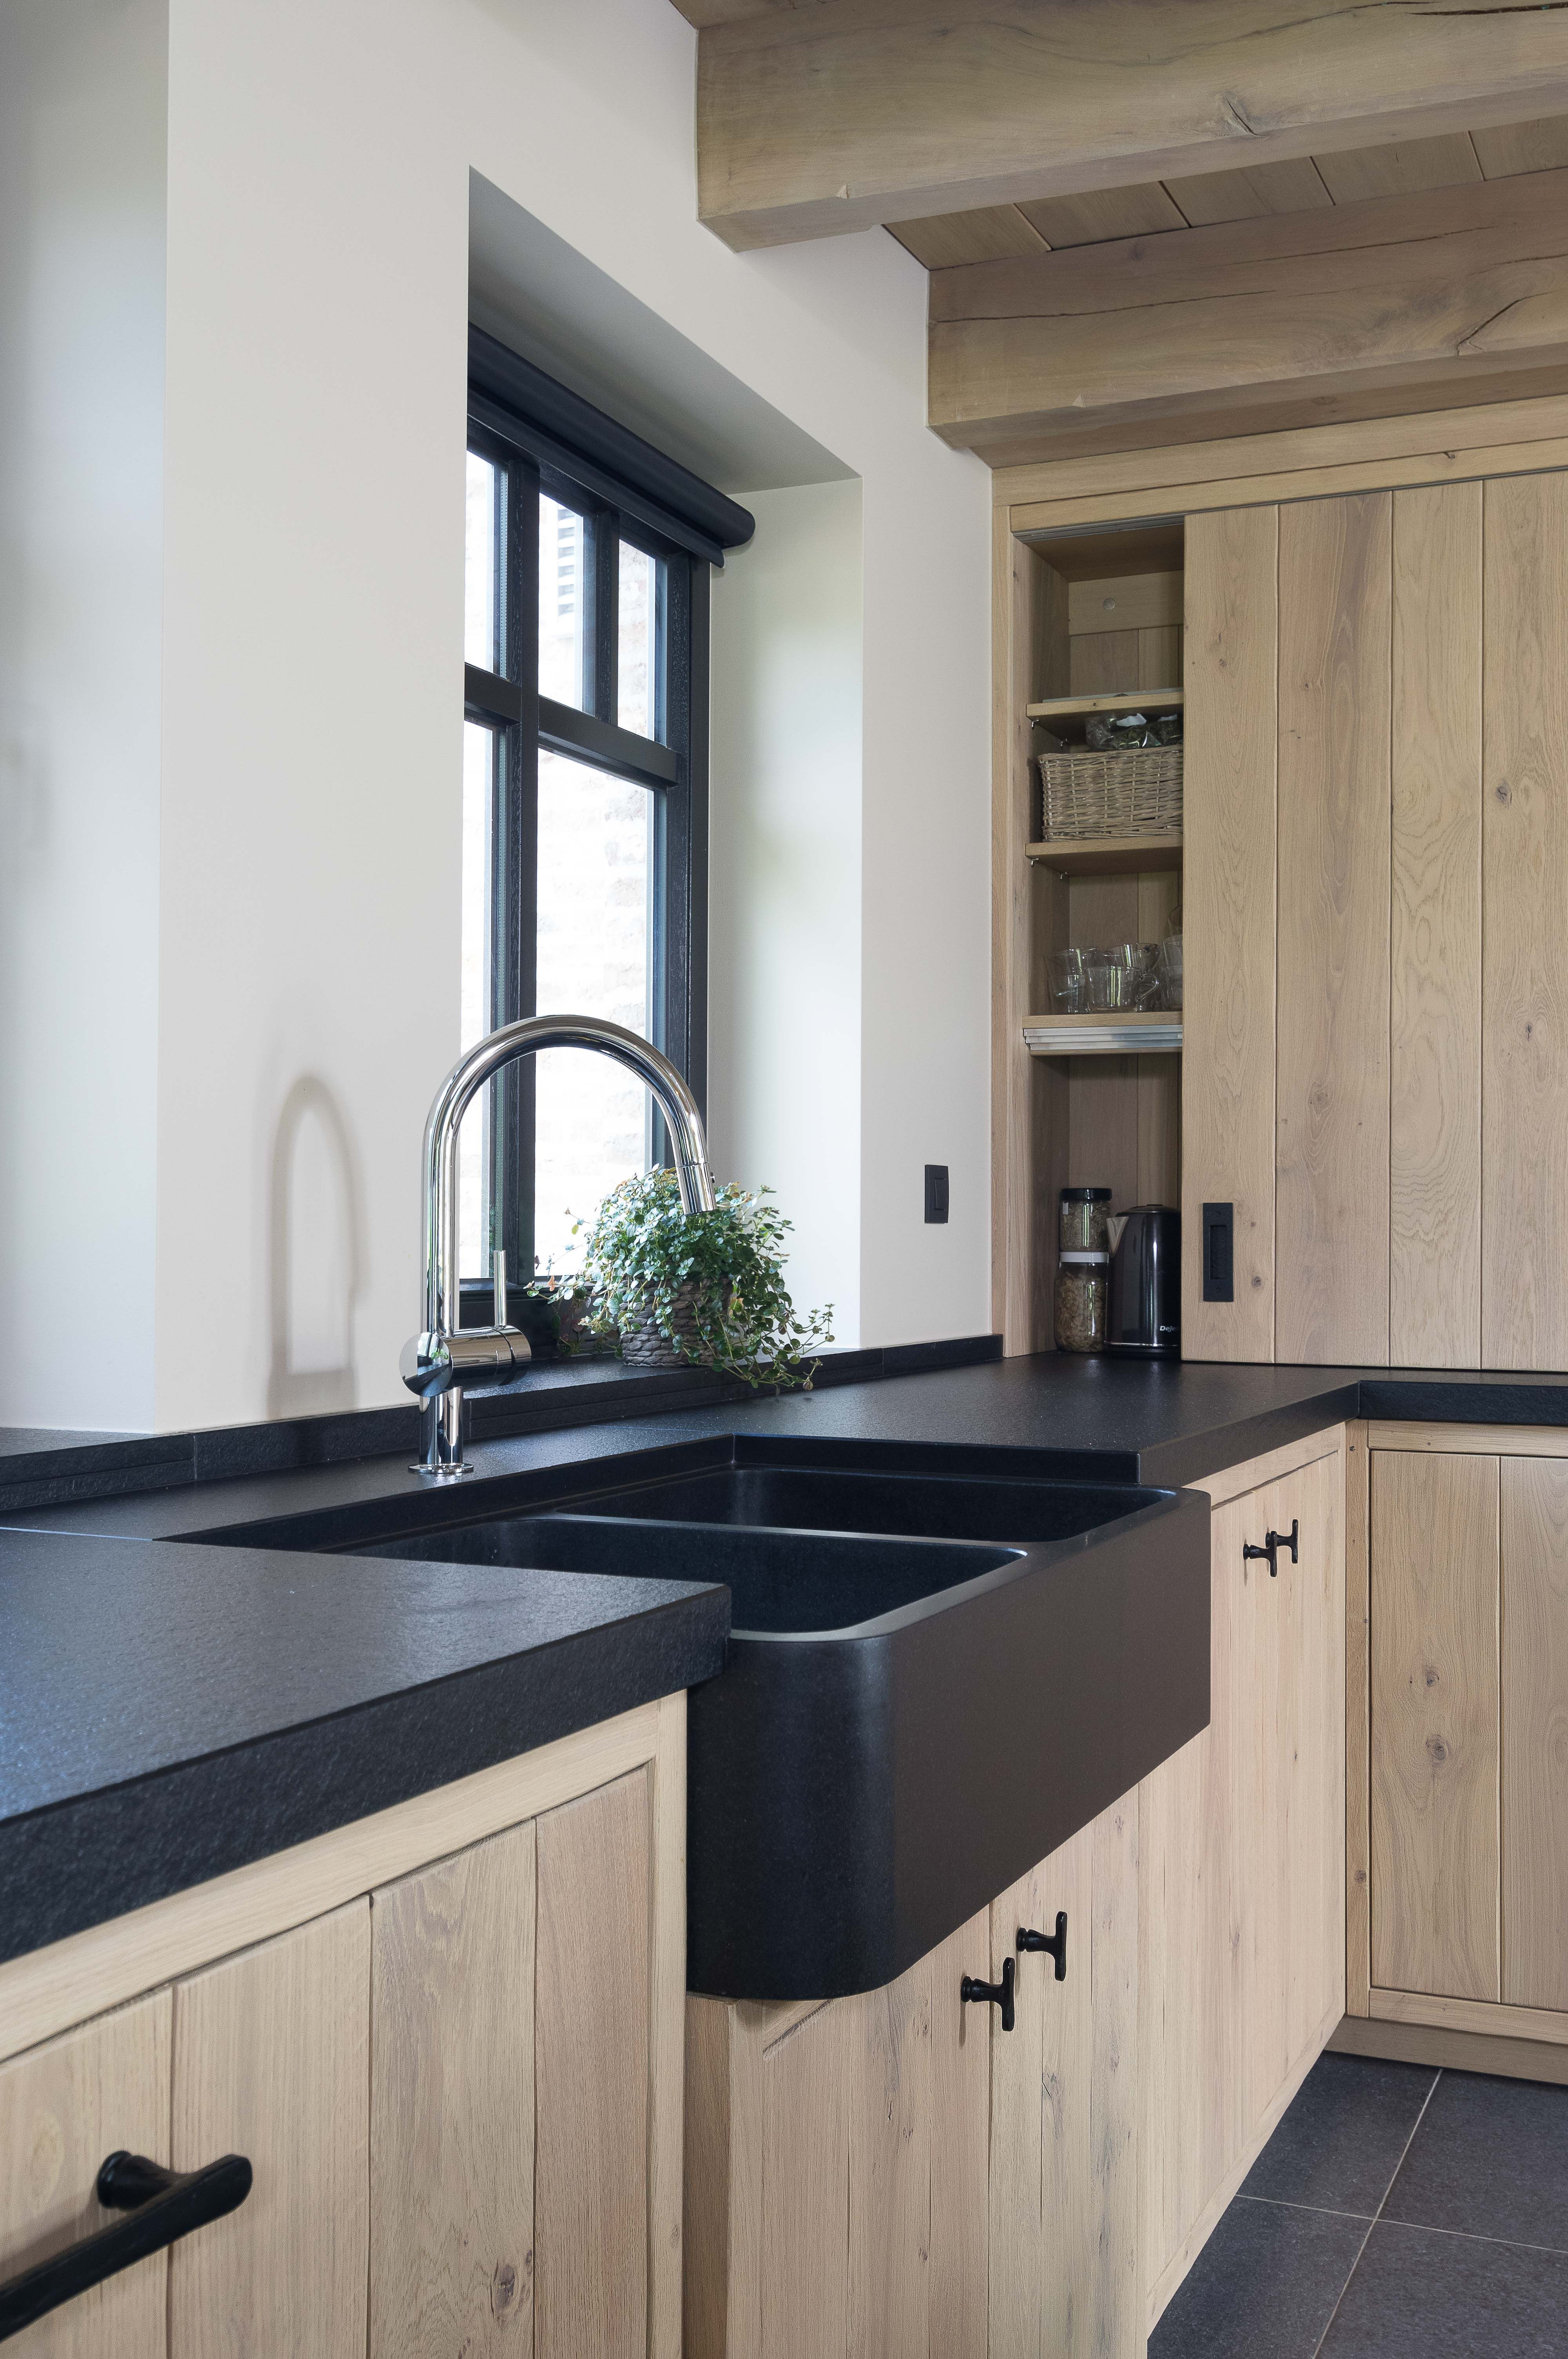 Landelijke keuken met moderne look in een licht interieur de werd vervaardigd uit massief also but with more plants home pinterest kitchen design rh